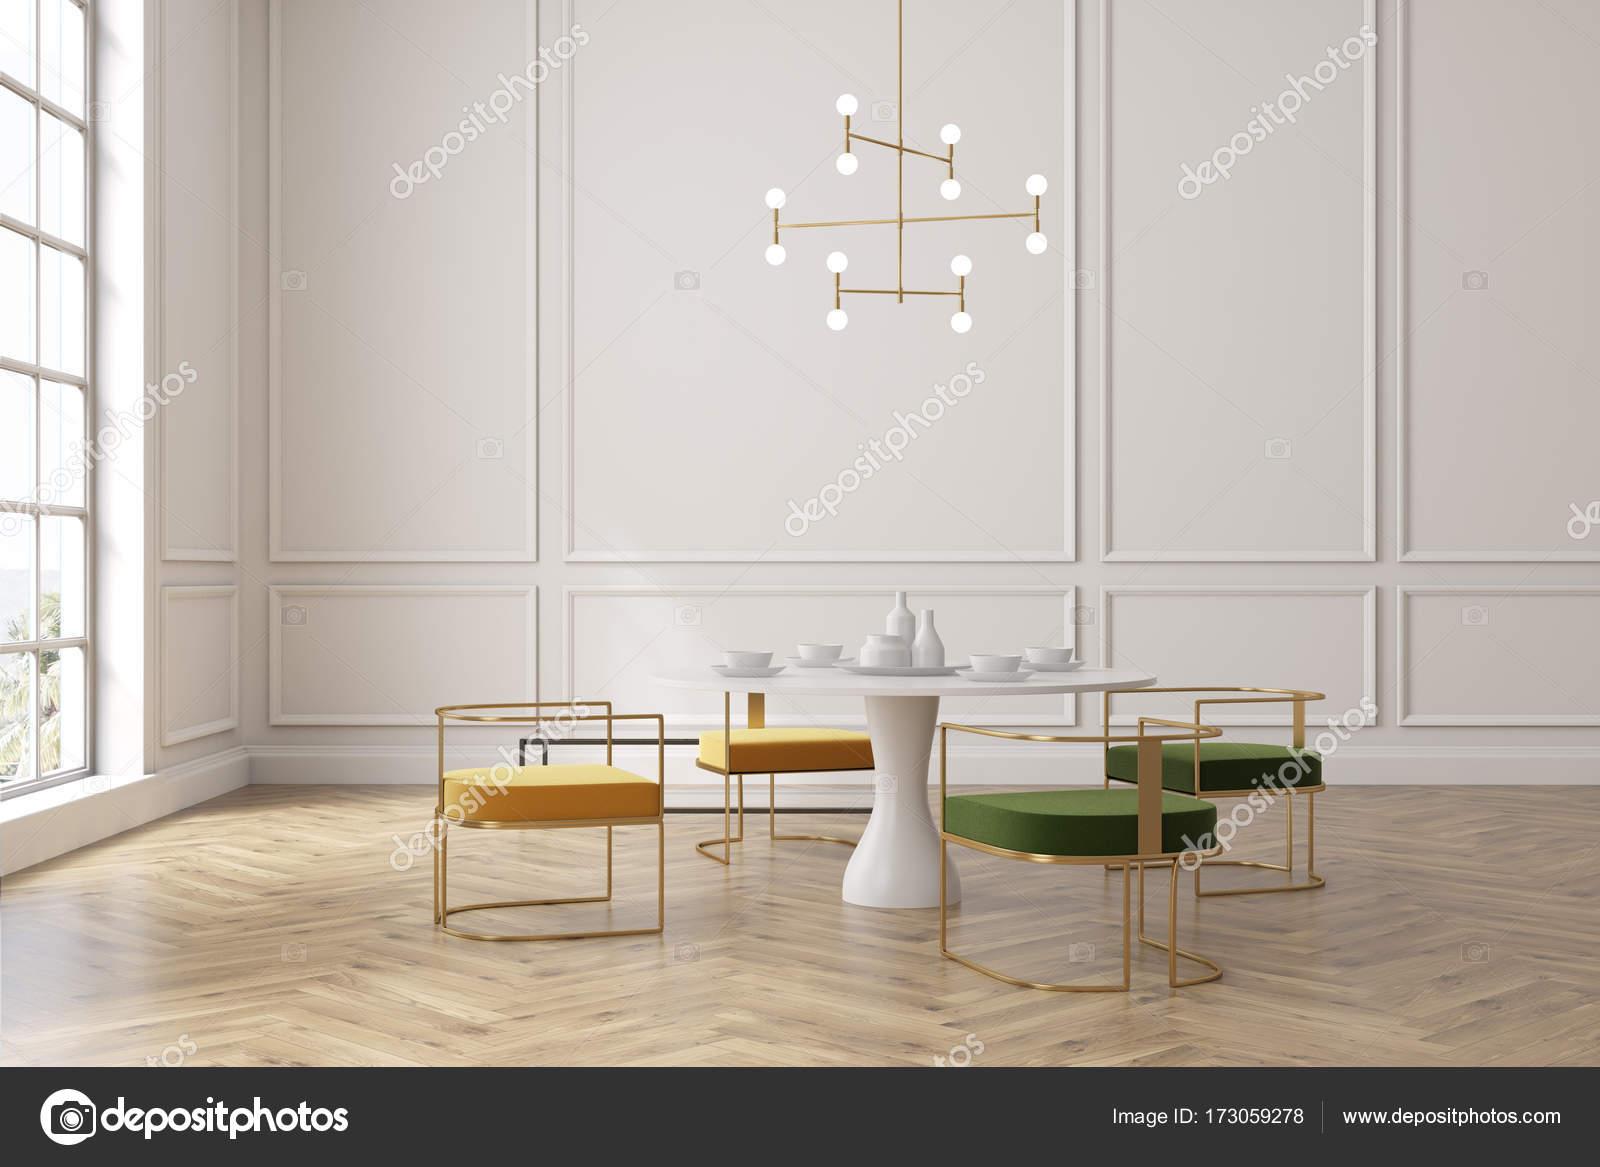 Loft Speisesaal Gelbe Und Grune Stuhle Tisch Stockfoto